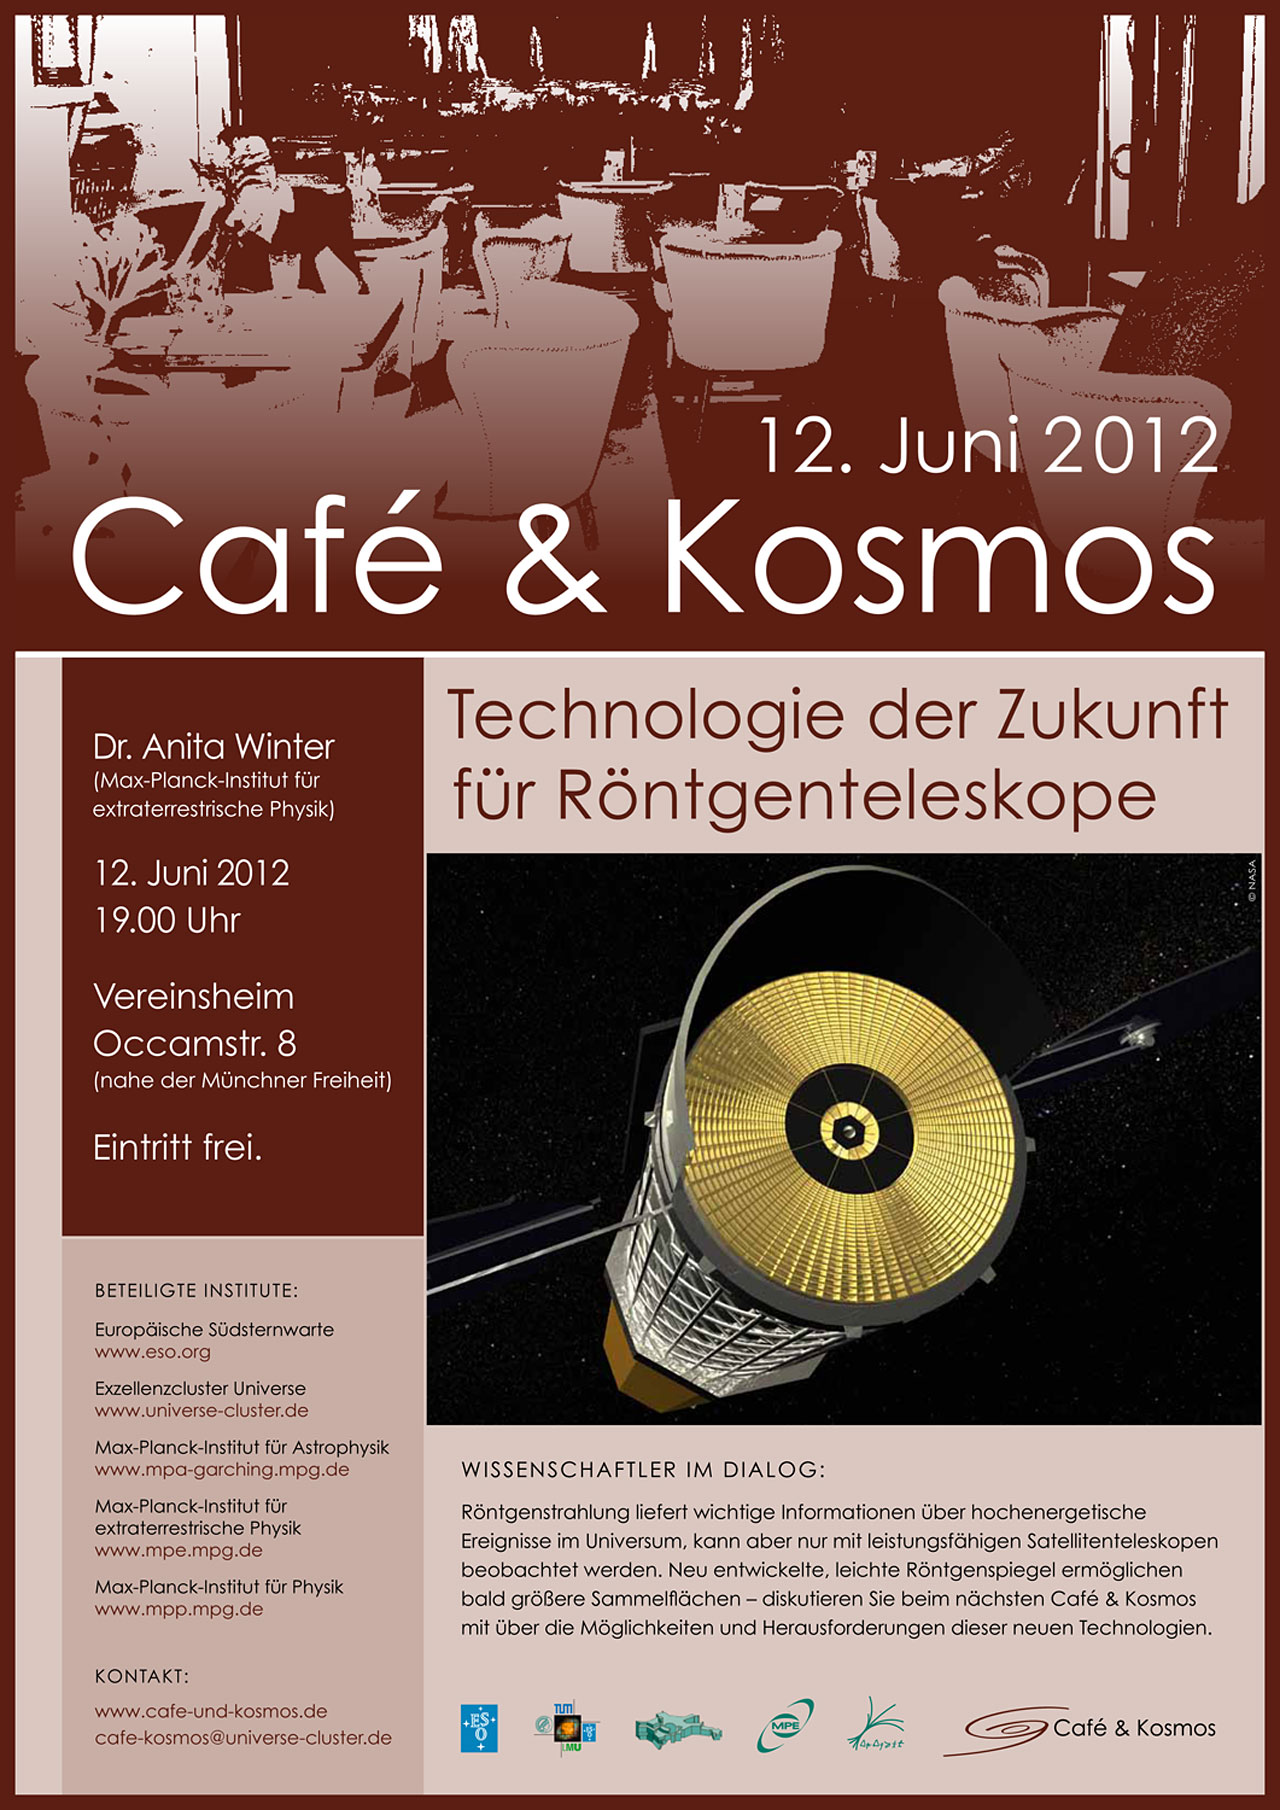 Póster del Café & Kosmos del 12 de junio de 2012